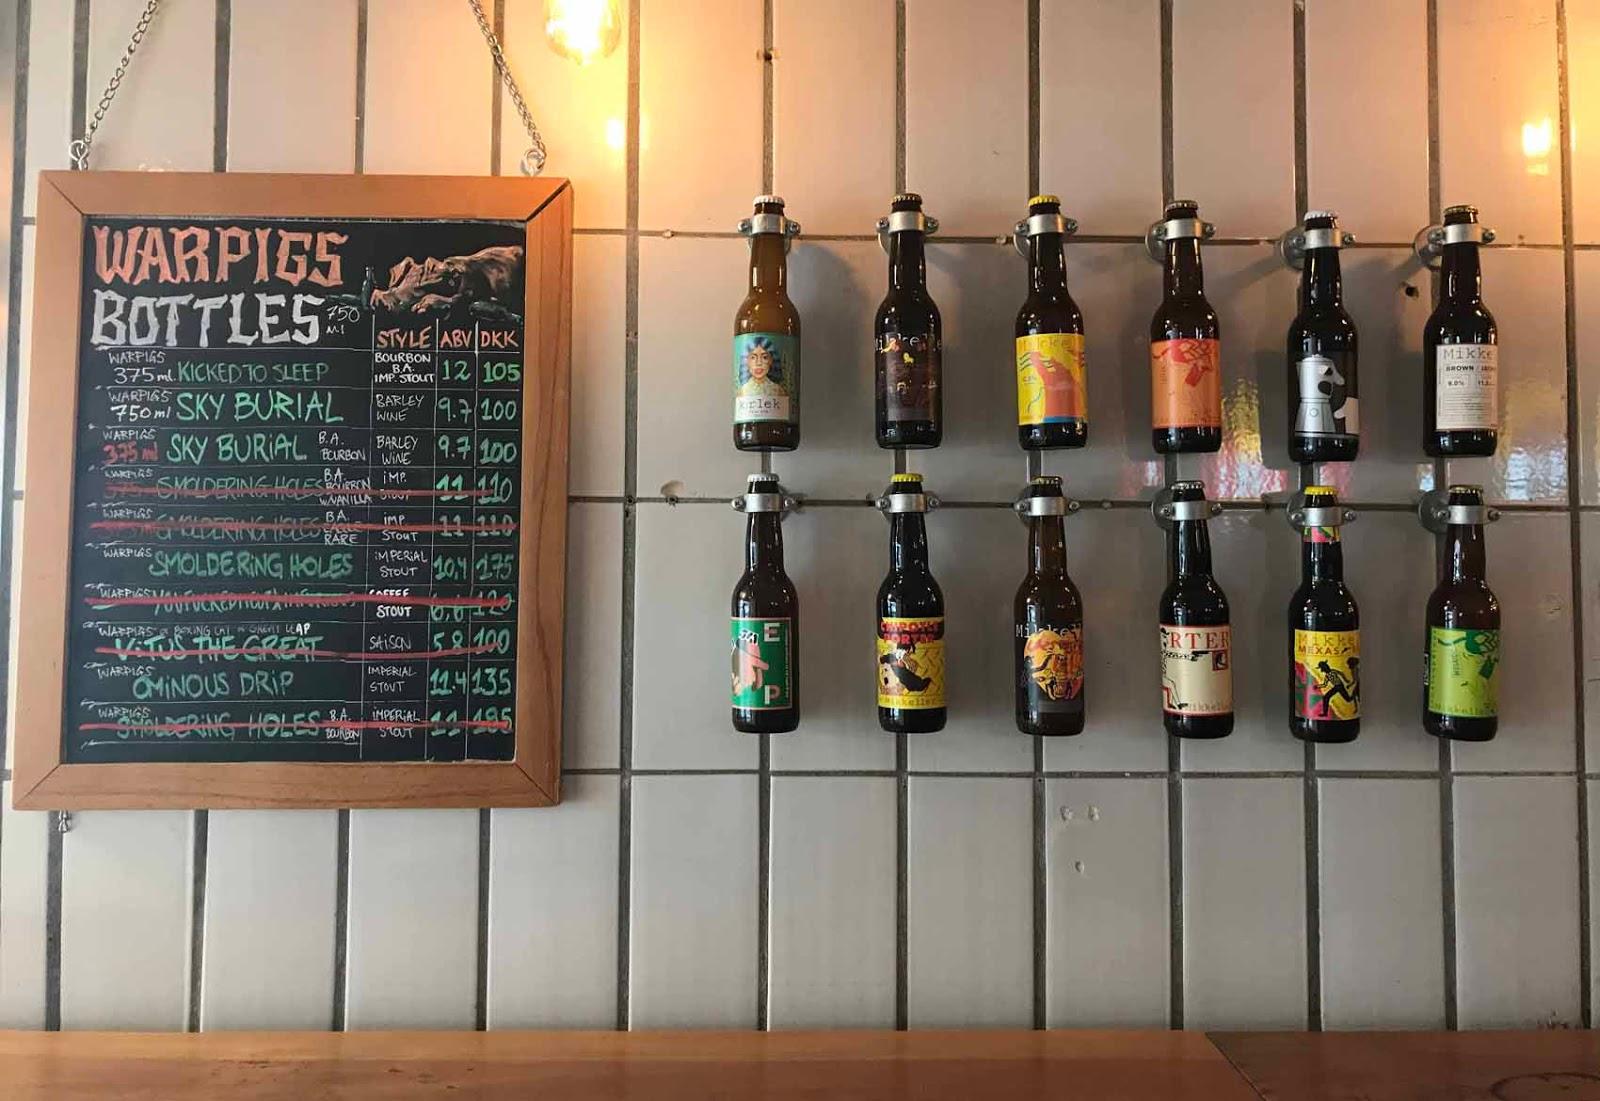 Warpigsissä on mahtava valikoima oluthipsterille